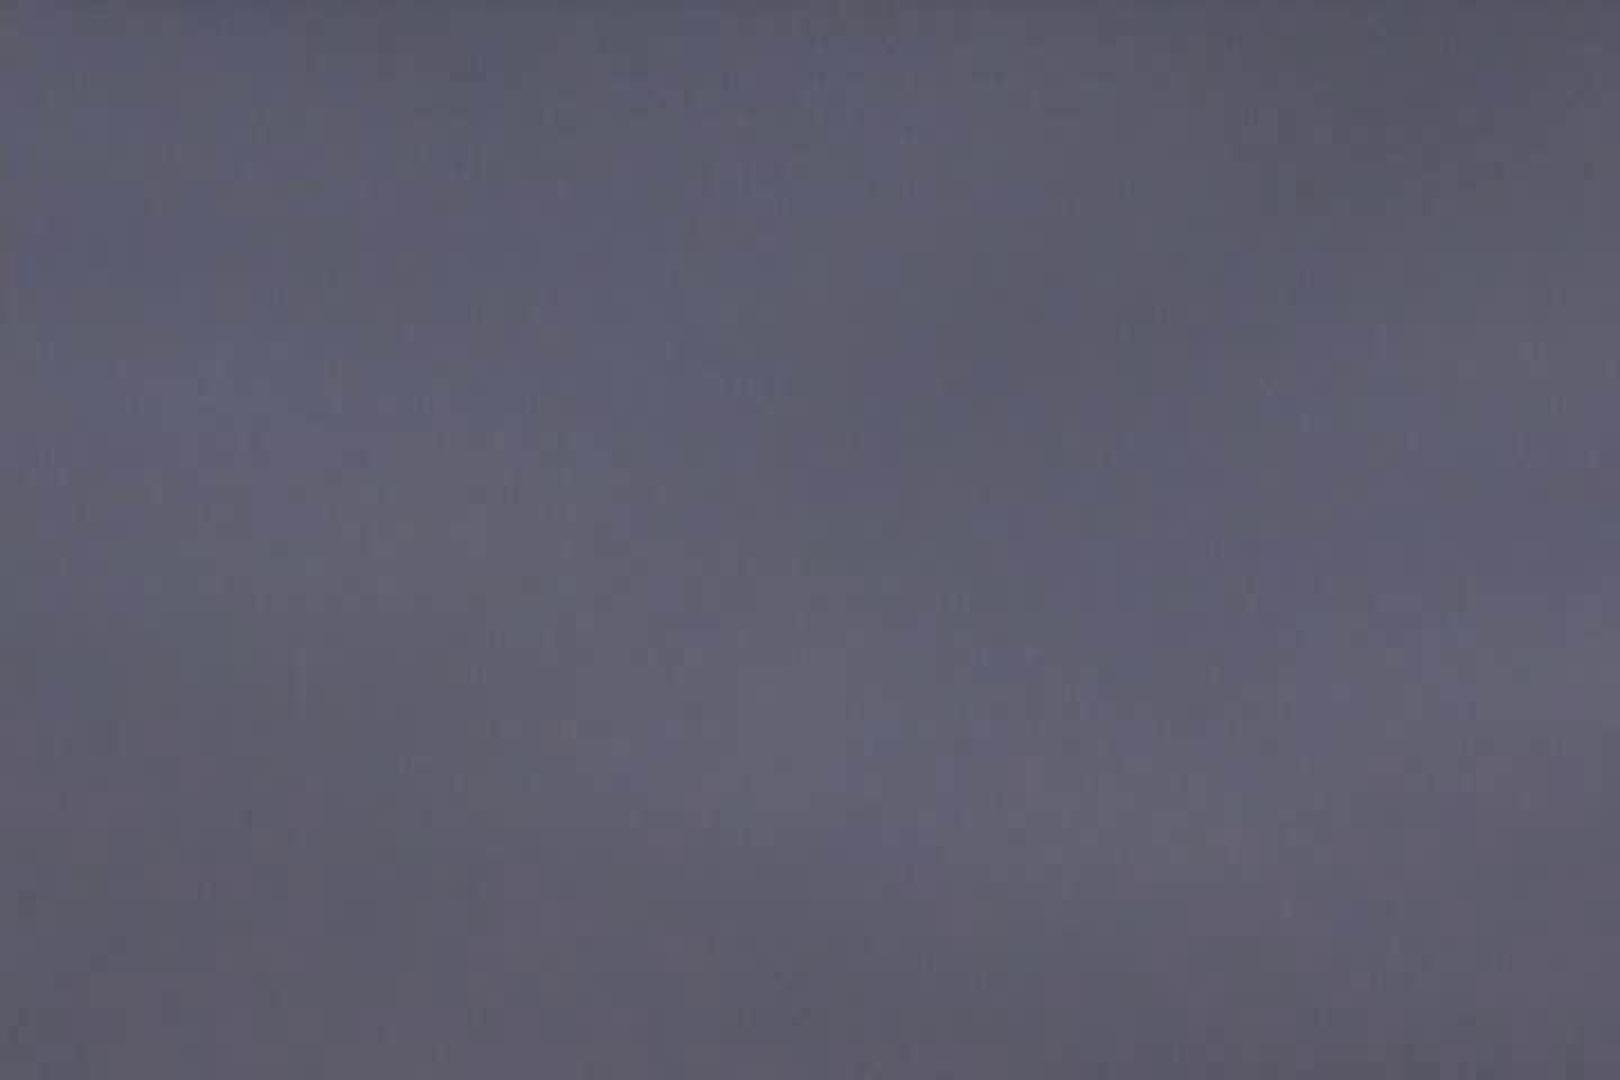 胸チラはもらった~!!胸元争奪戦!!Vol.2 巨乳 盗撮ワレメ無修正動画無料 73画像 17